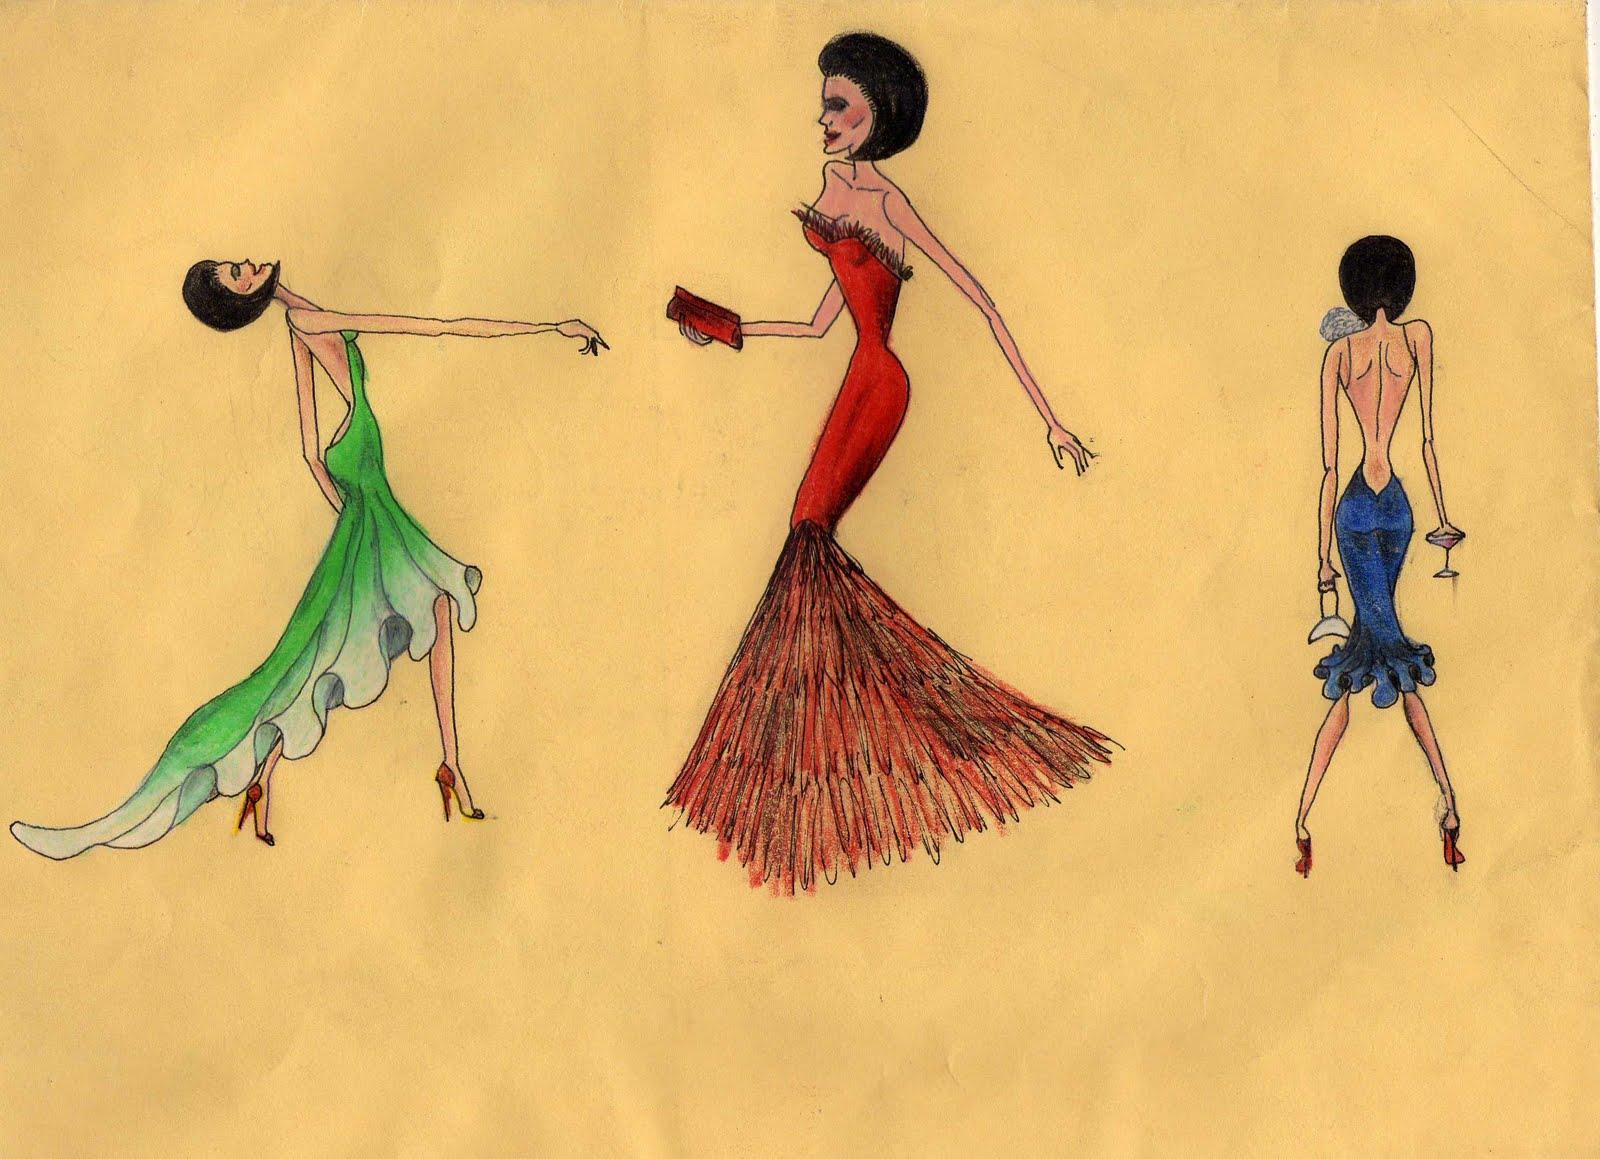 http://4.bp.blogspot.com/_0rdLYfytnnM/TBJ9dR7qoUI/AAAAAAAACNU/6_C4gWQB3Ck/s1600/Marco_sandor-Bitch_witch_red_dress_Victoria_Beckham_Marco_sandor.jpg